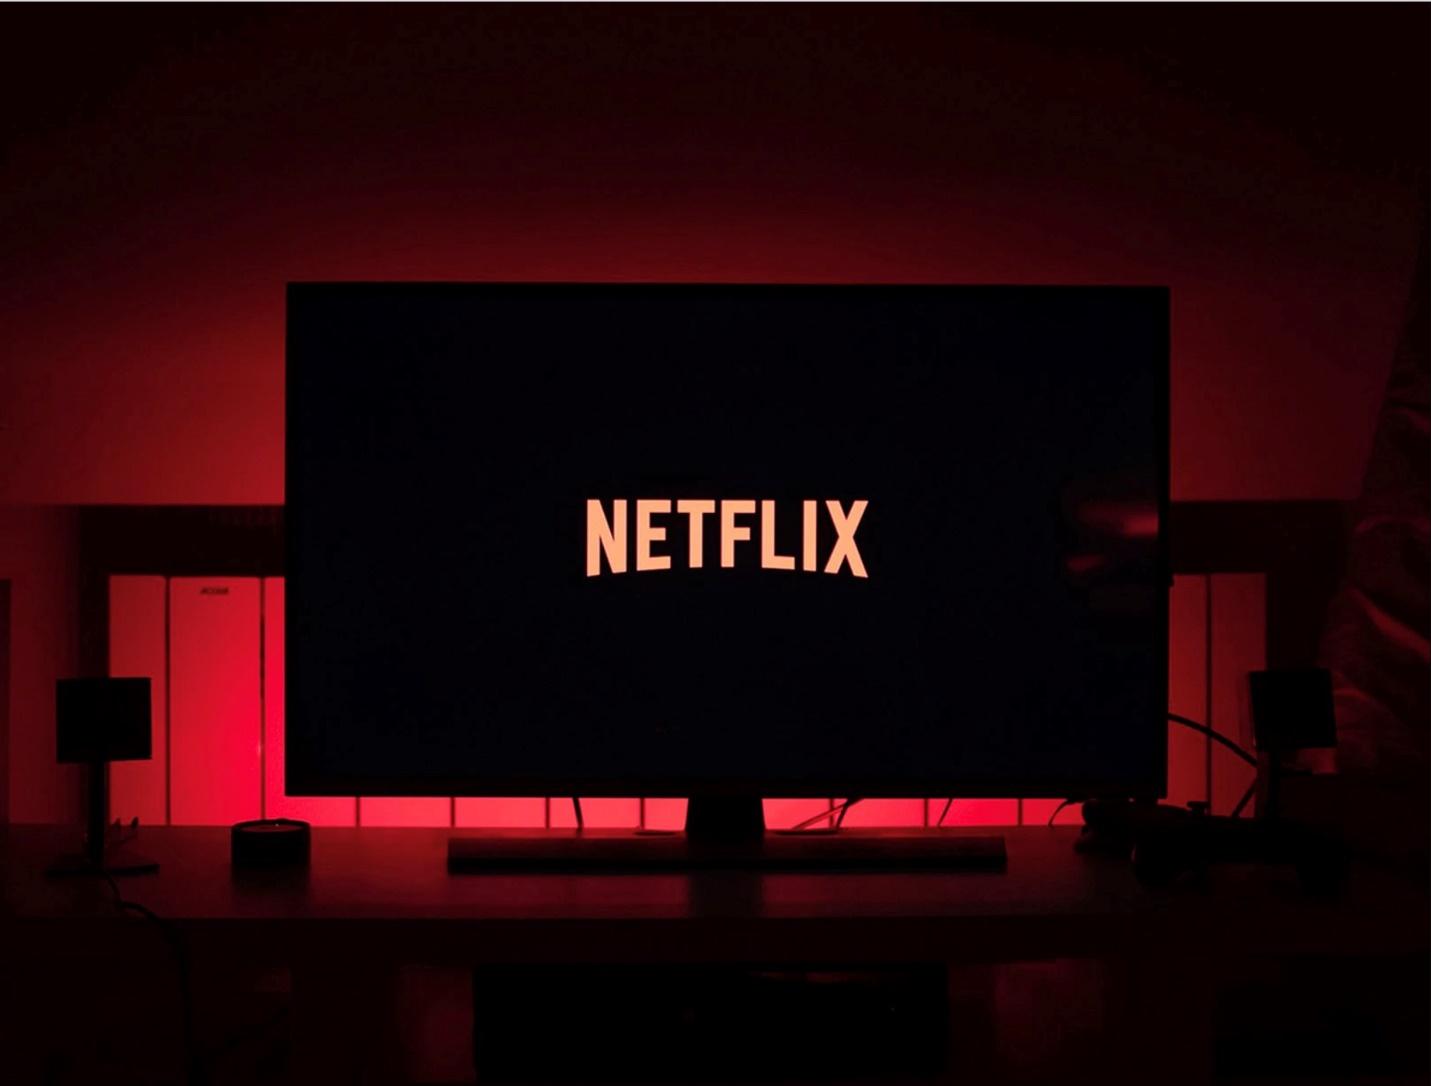 почему акции Netflix растут во время пандемии?